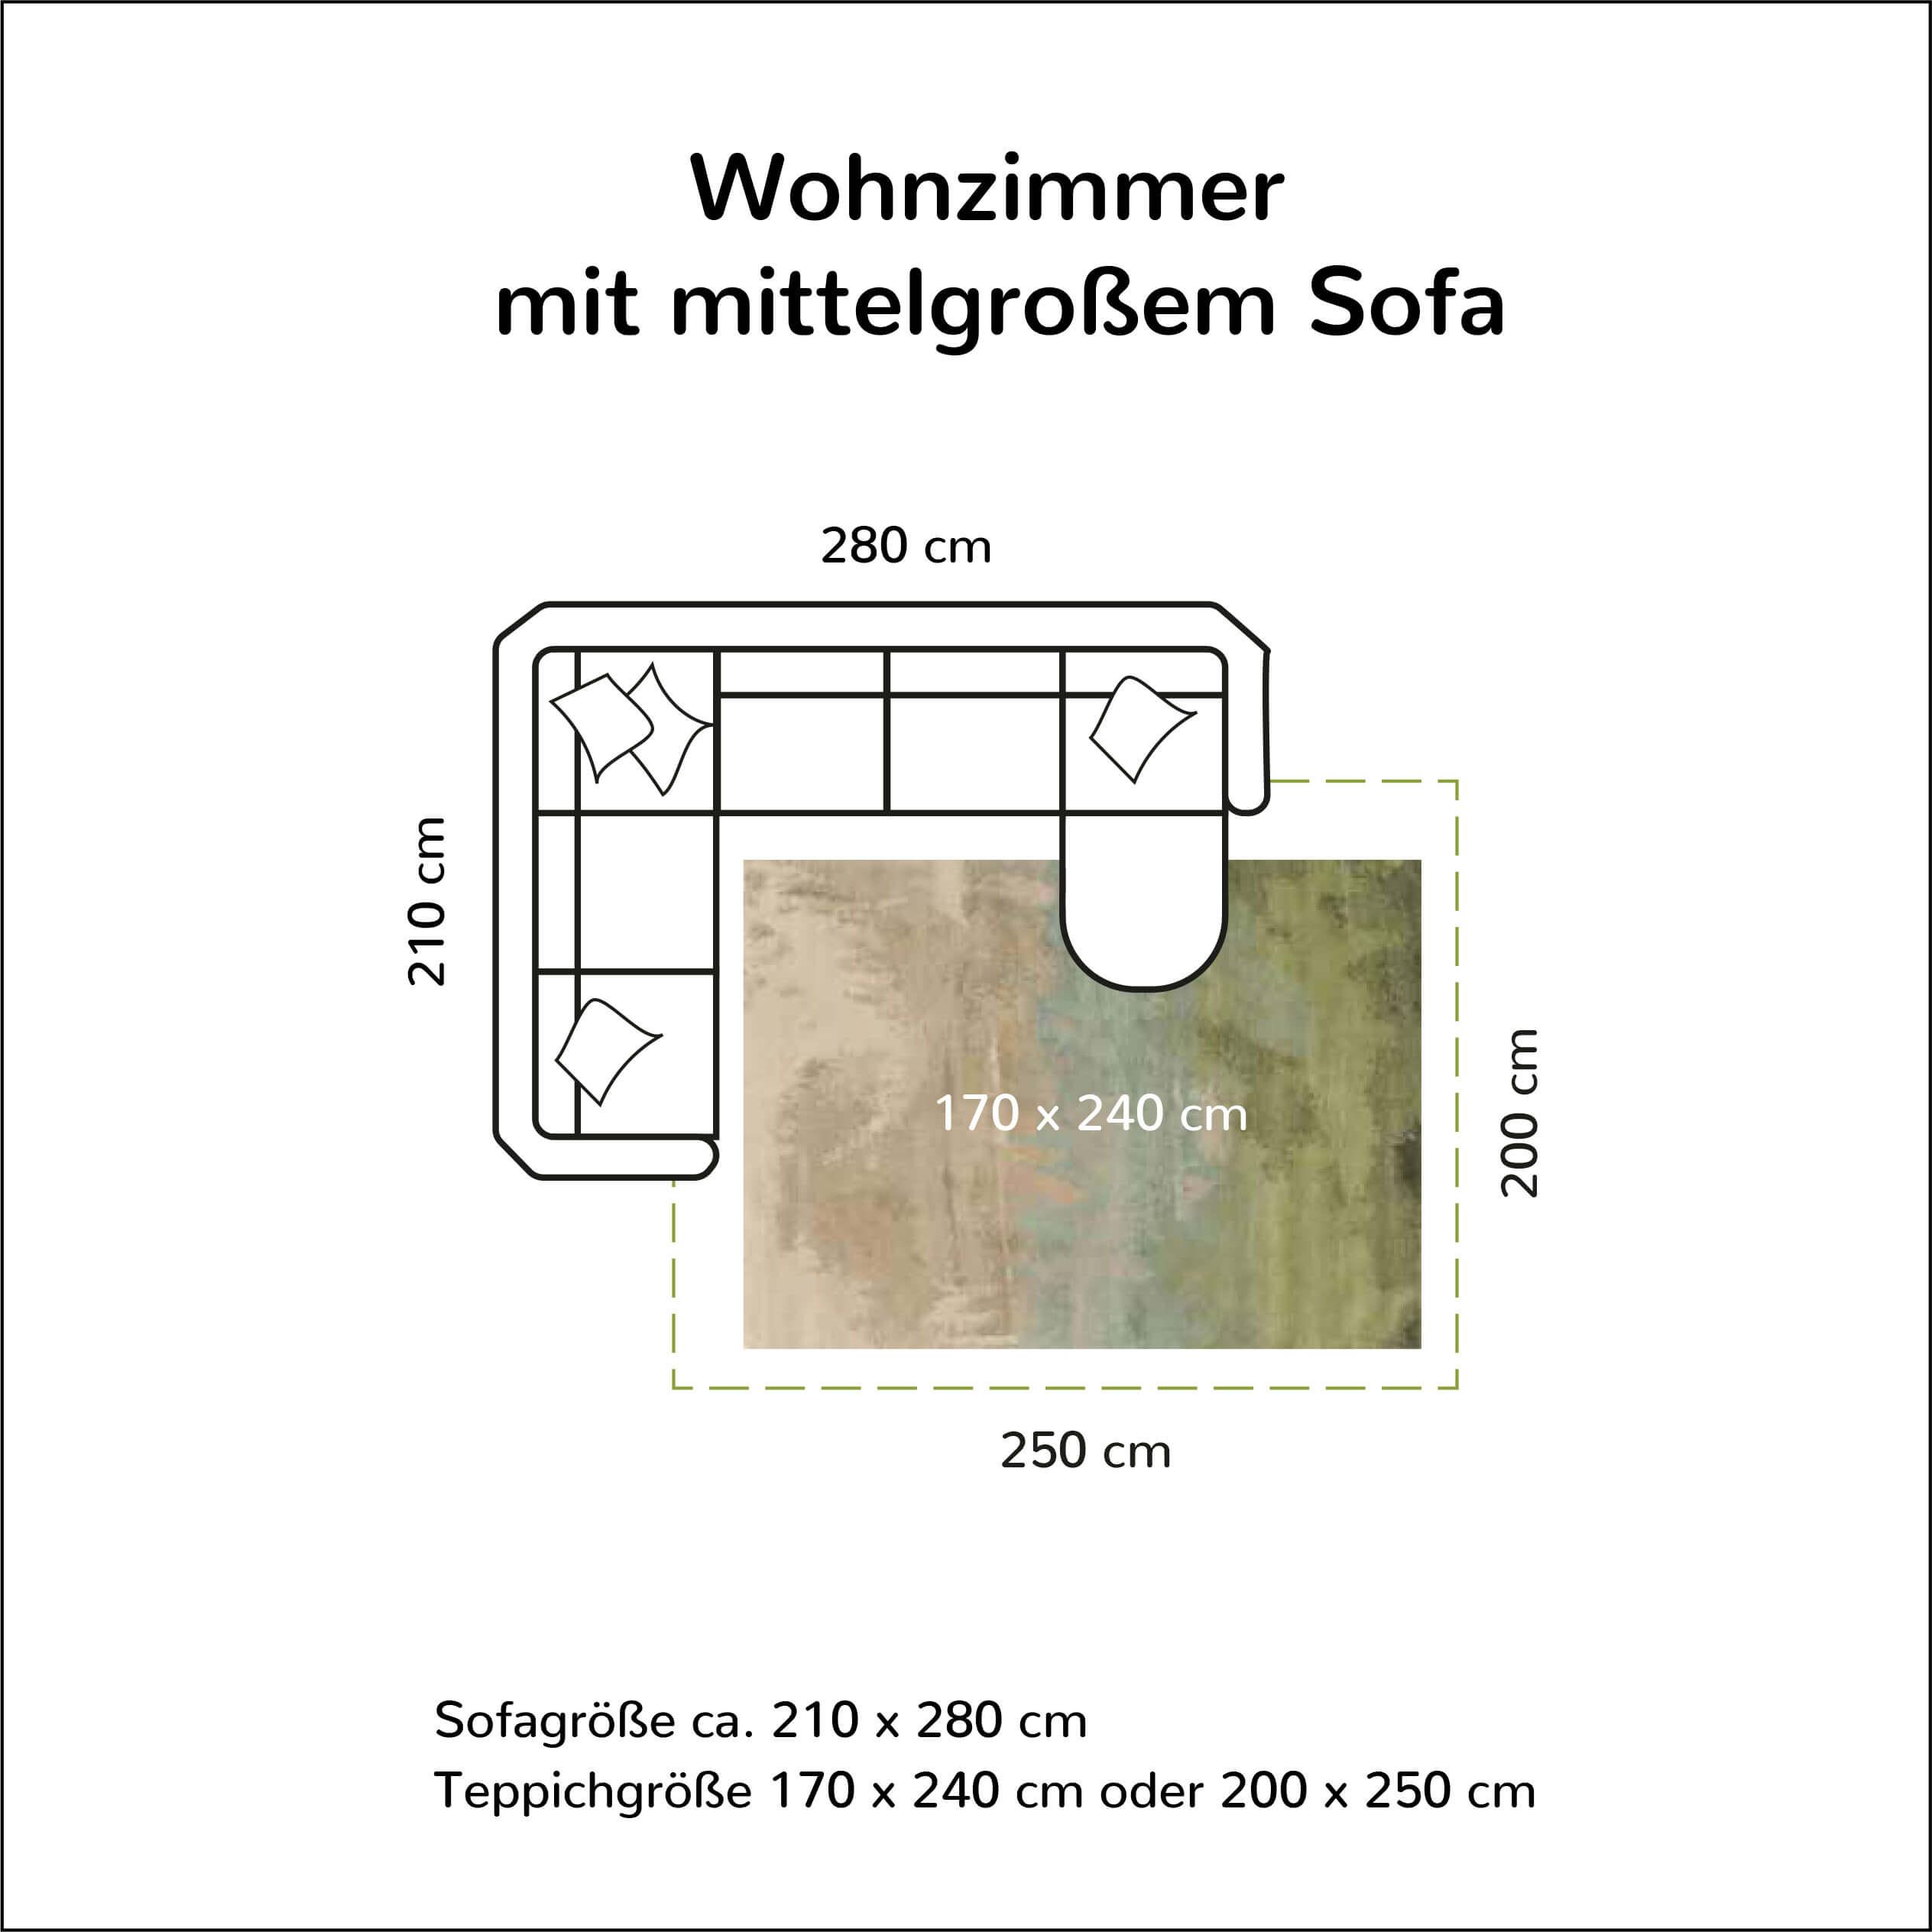 Wohnzimmer mit mittelgroßem Sofa